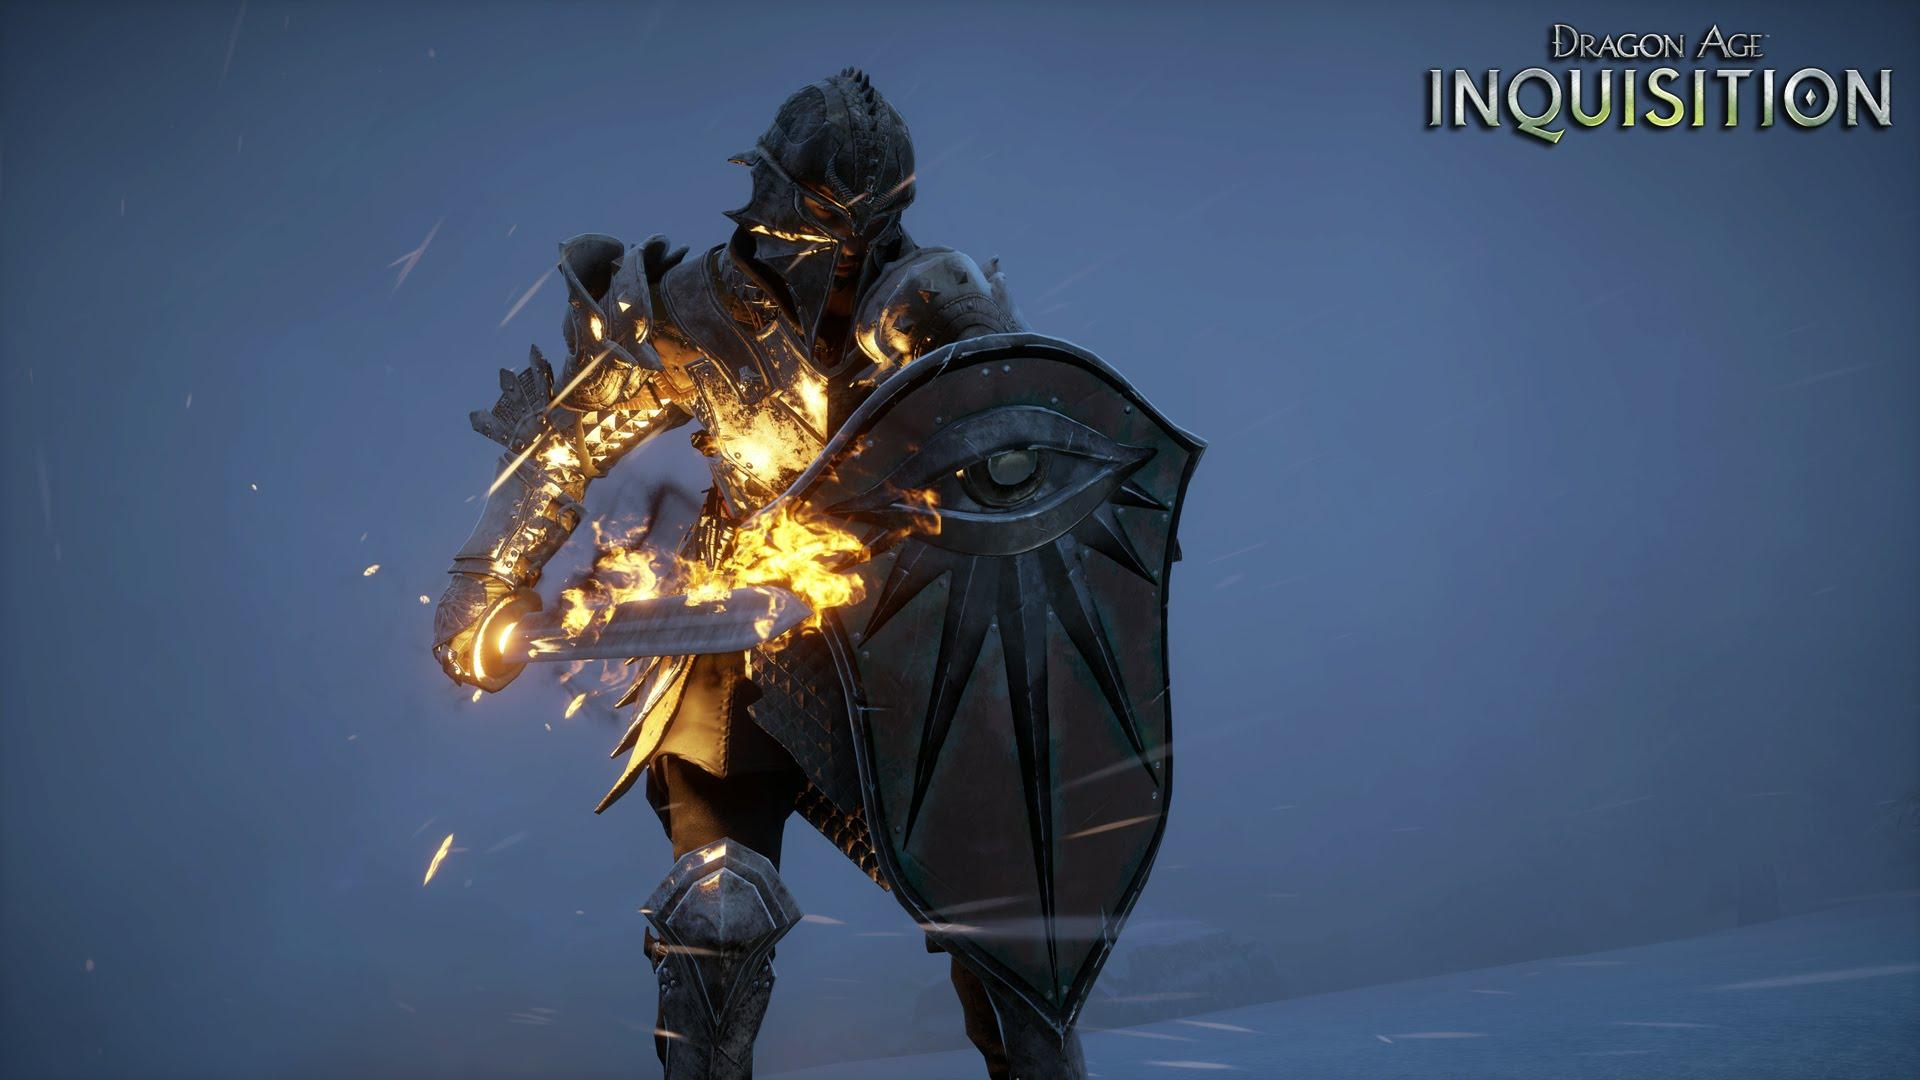 maxresdefault30KJ91LL Dragon Age: Inquisition existiert ja auch noch und hat sogar einen Release Trailer